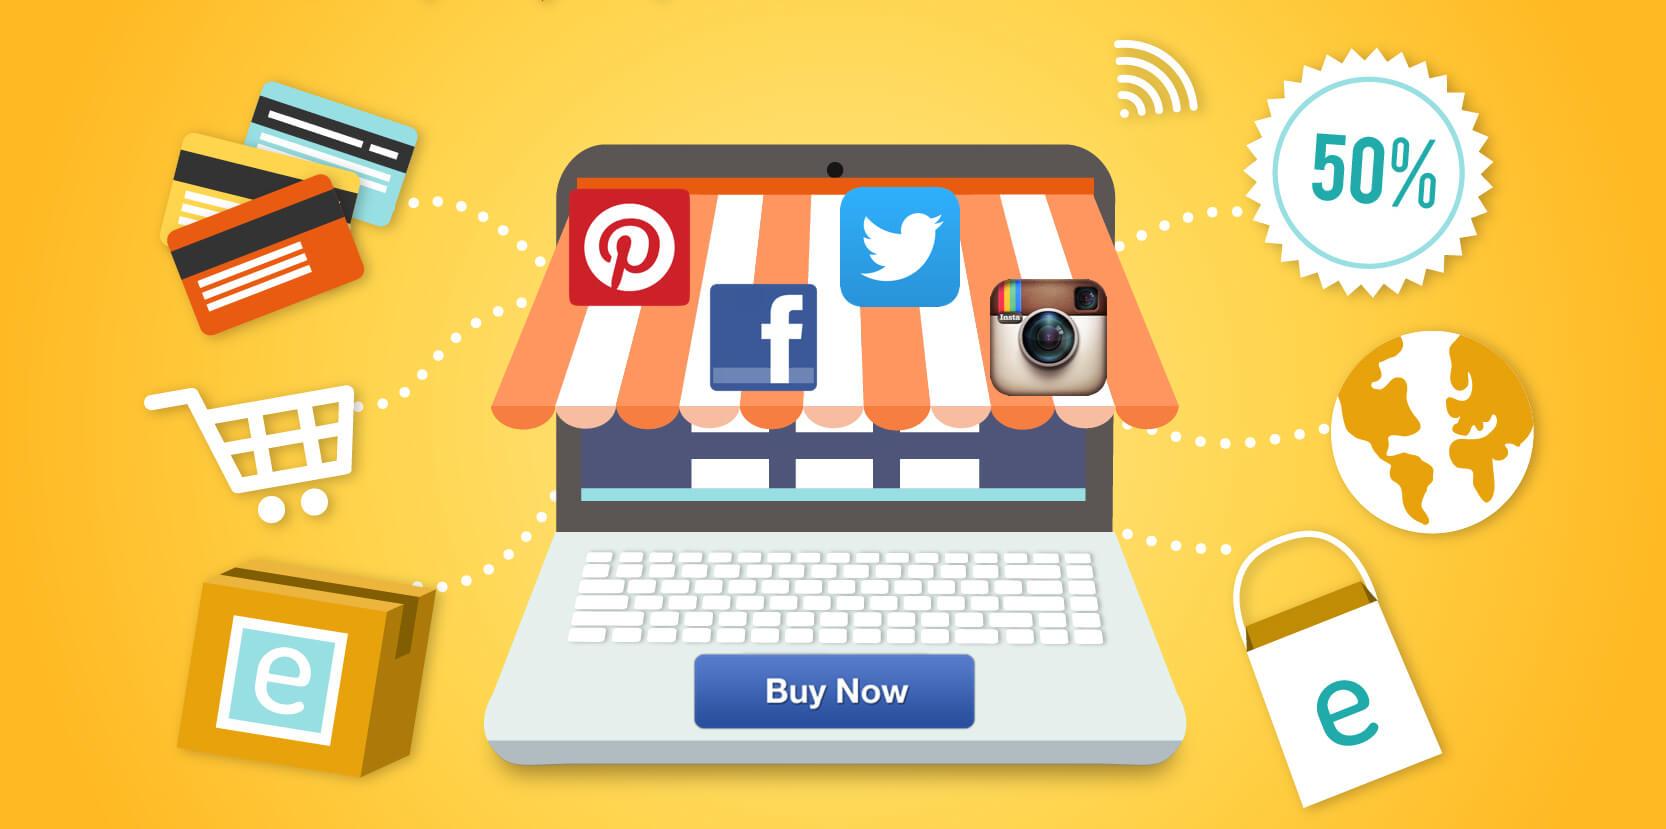 Bán hàng trên mạng xã hội cần chuẩn bị gì?